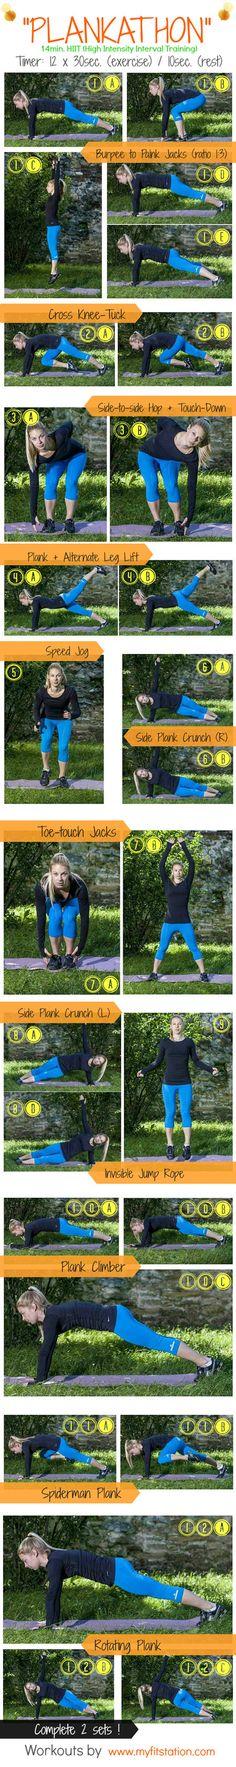 Plankathon HIIT Workout